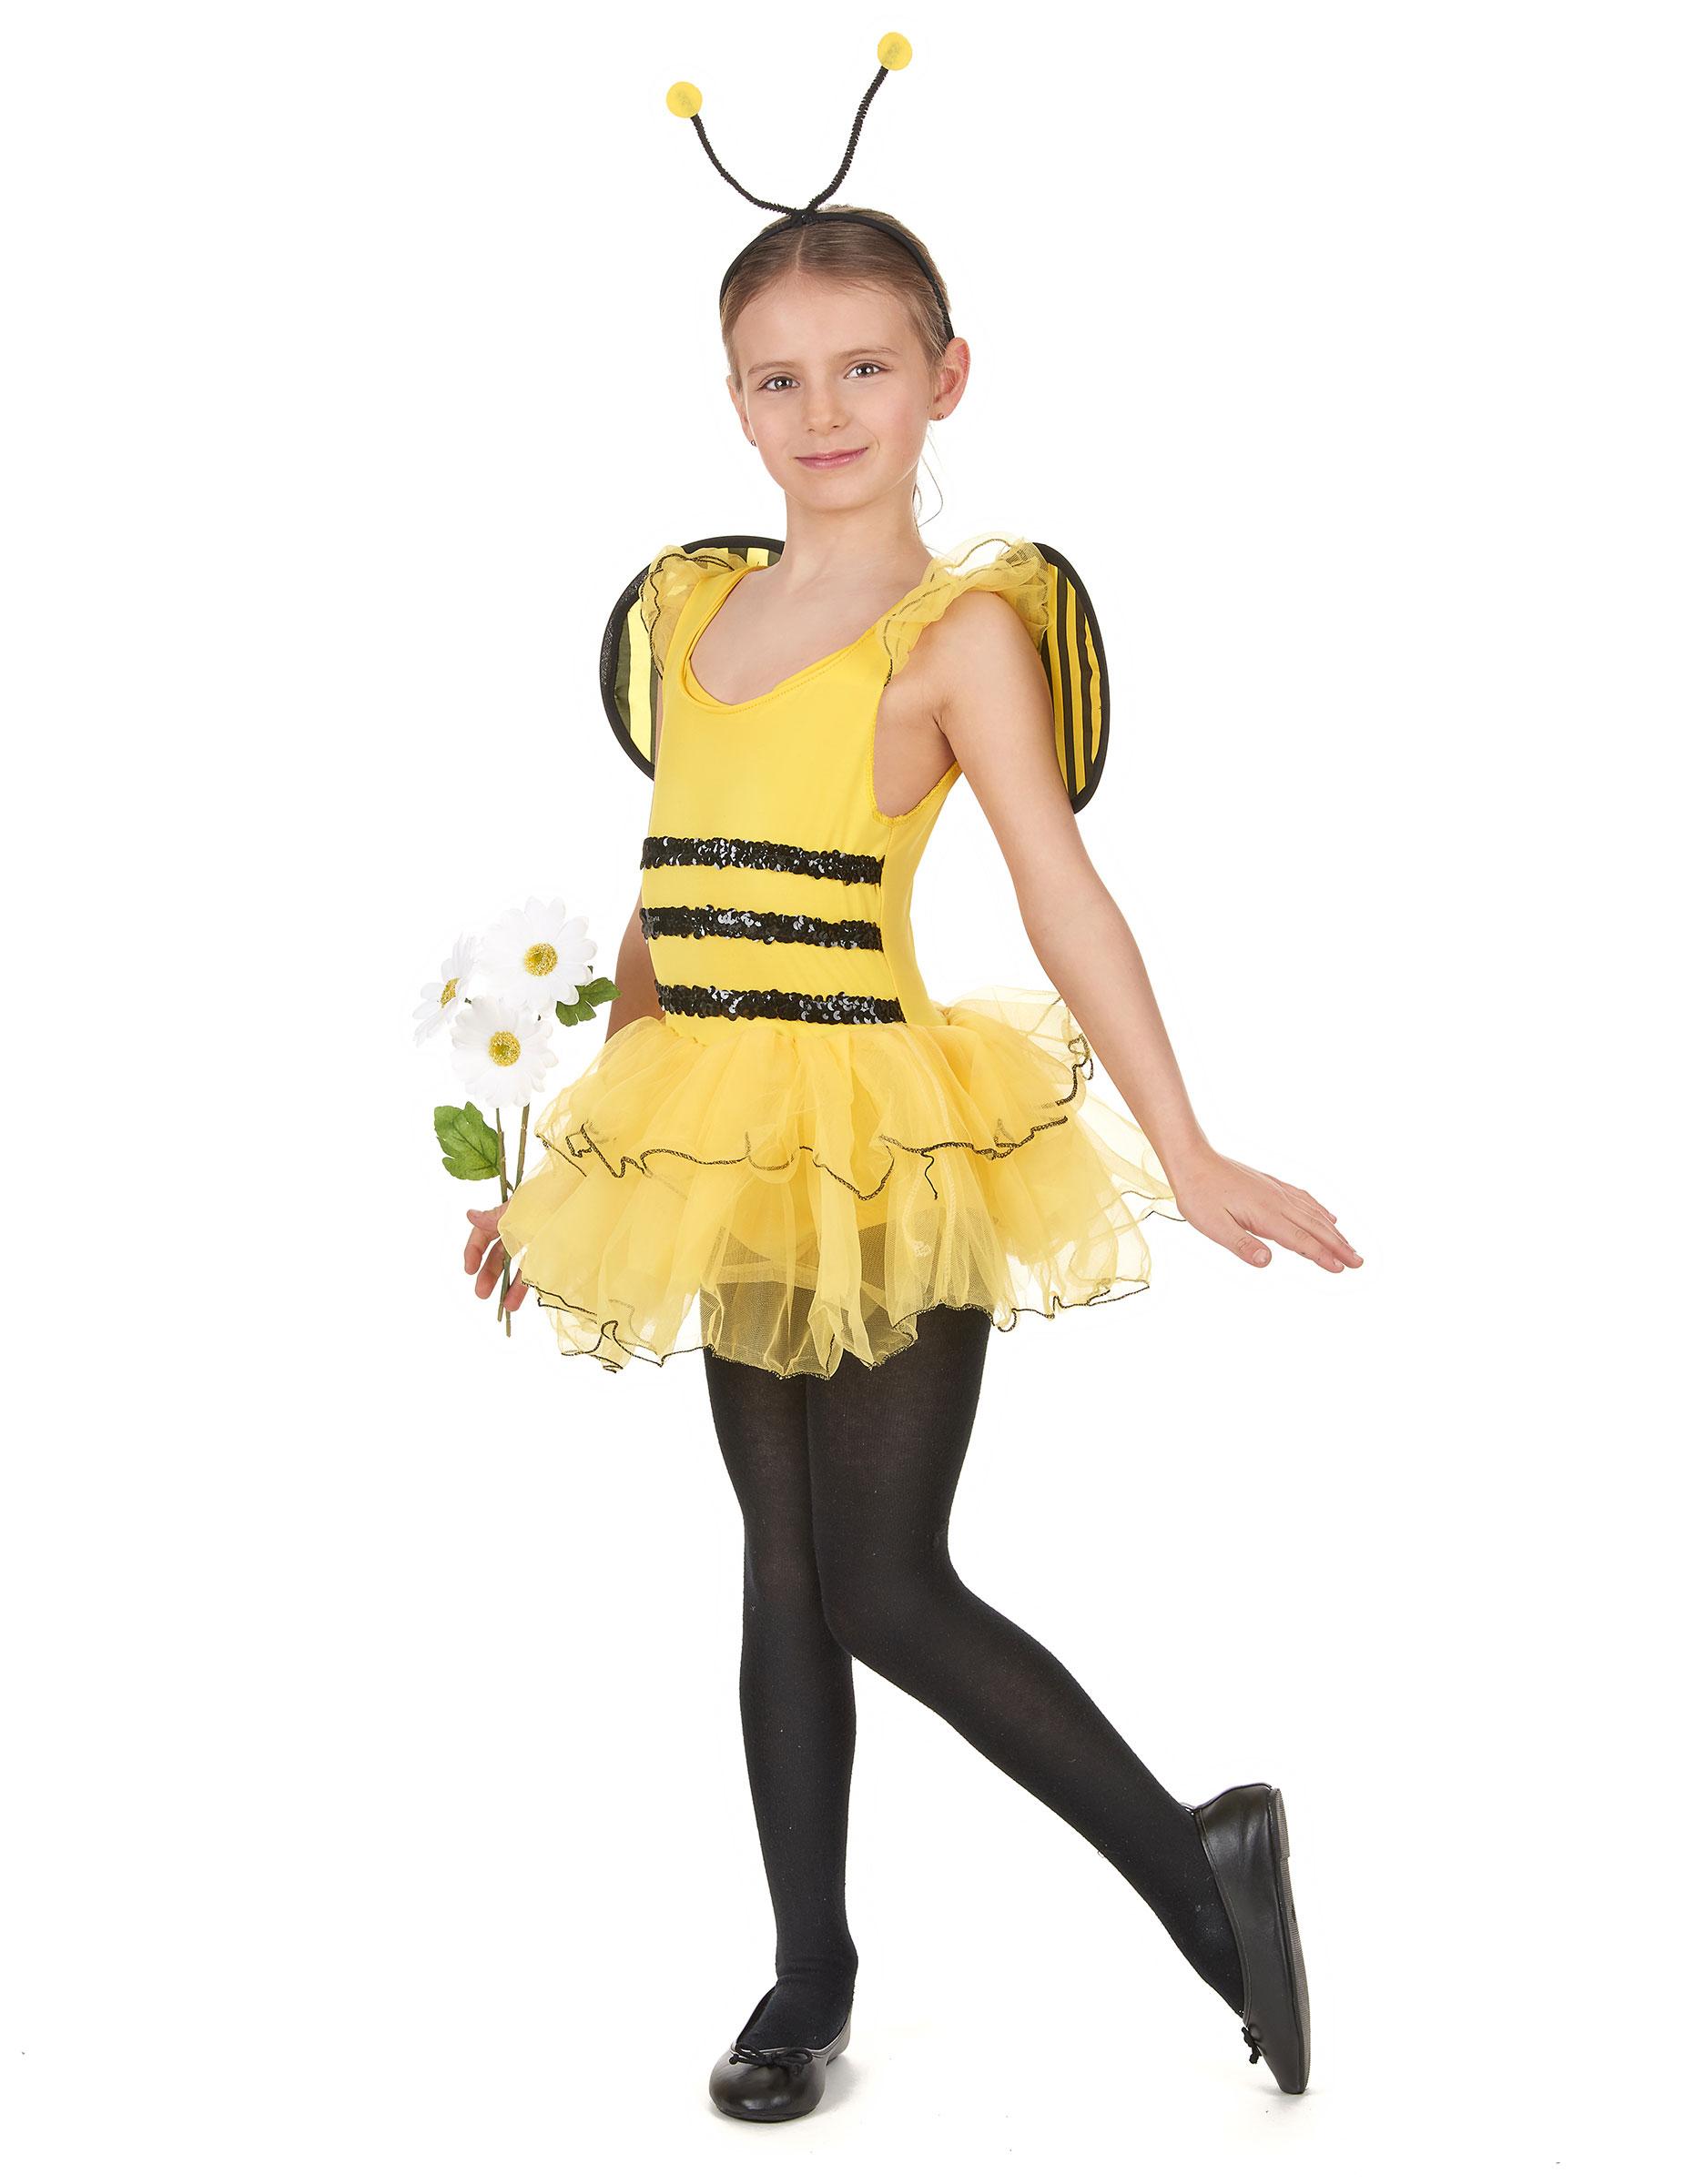 Trs jolies abeilles - Page 2 - abeilles et apiculture